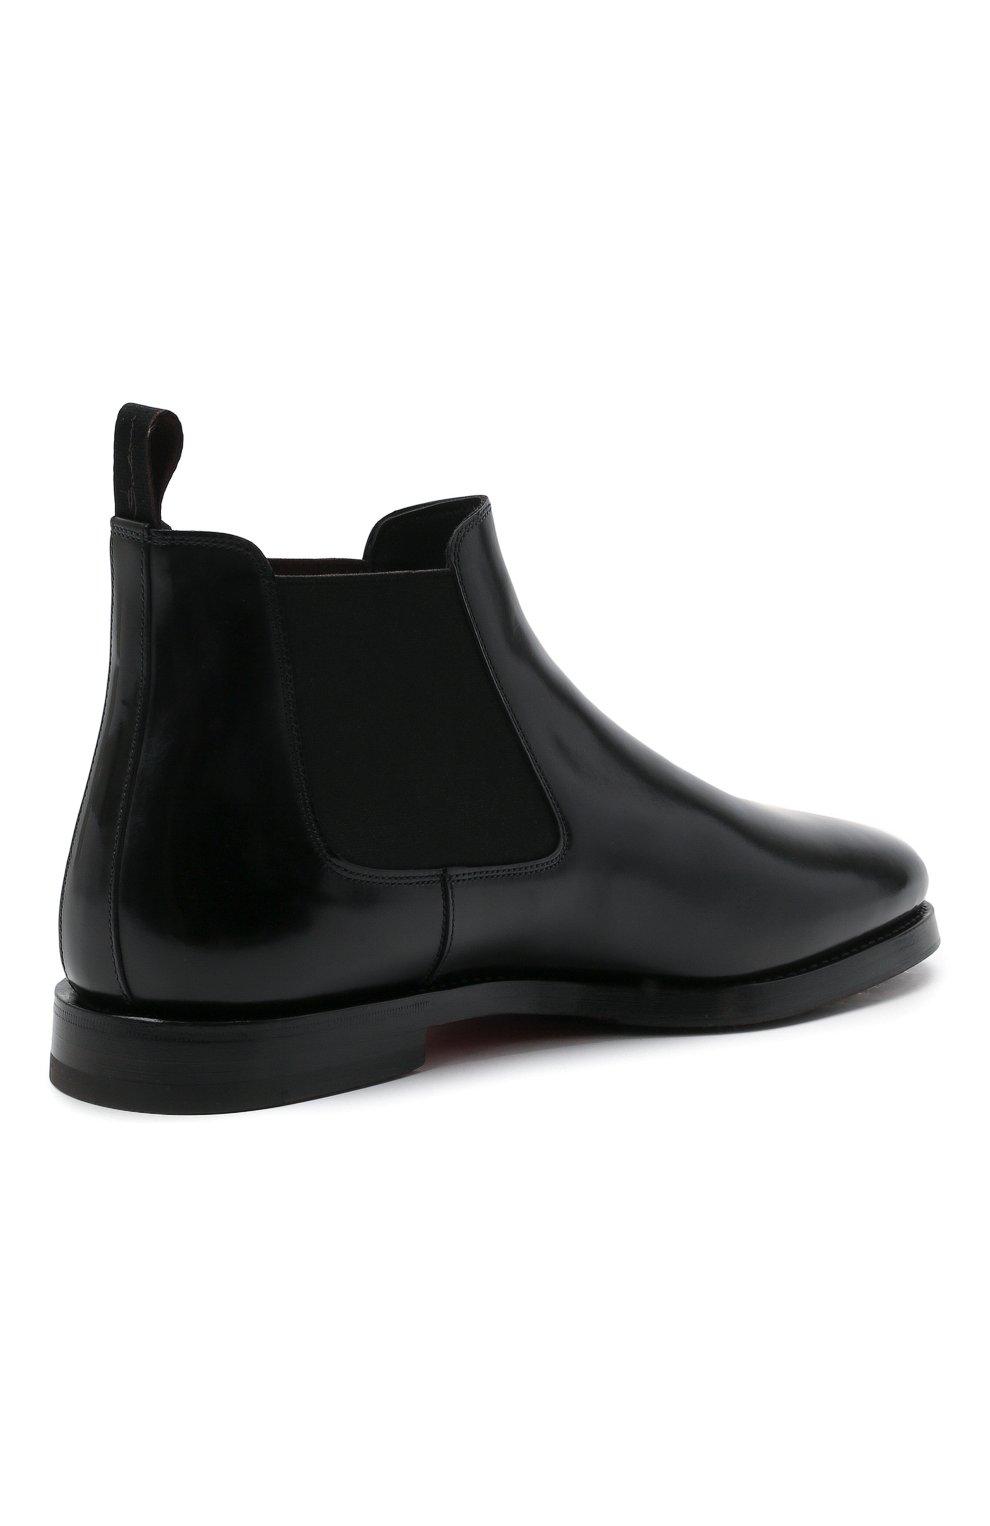 Мужские кожаные челси SANTONI черного цвета, арт. MCCG17802SG3AVRTN01 | Фото 4 (Материал внутренний: Натуральная кожа; Подошва: Плоская; Мужское Кросс-КТ: Сапоги-обувь, Челси-обувь)